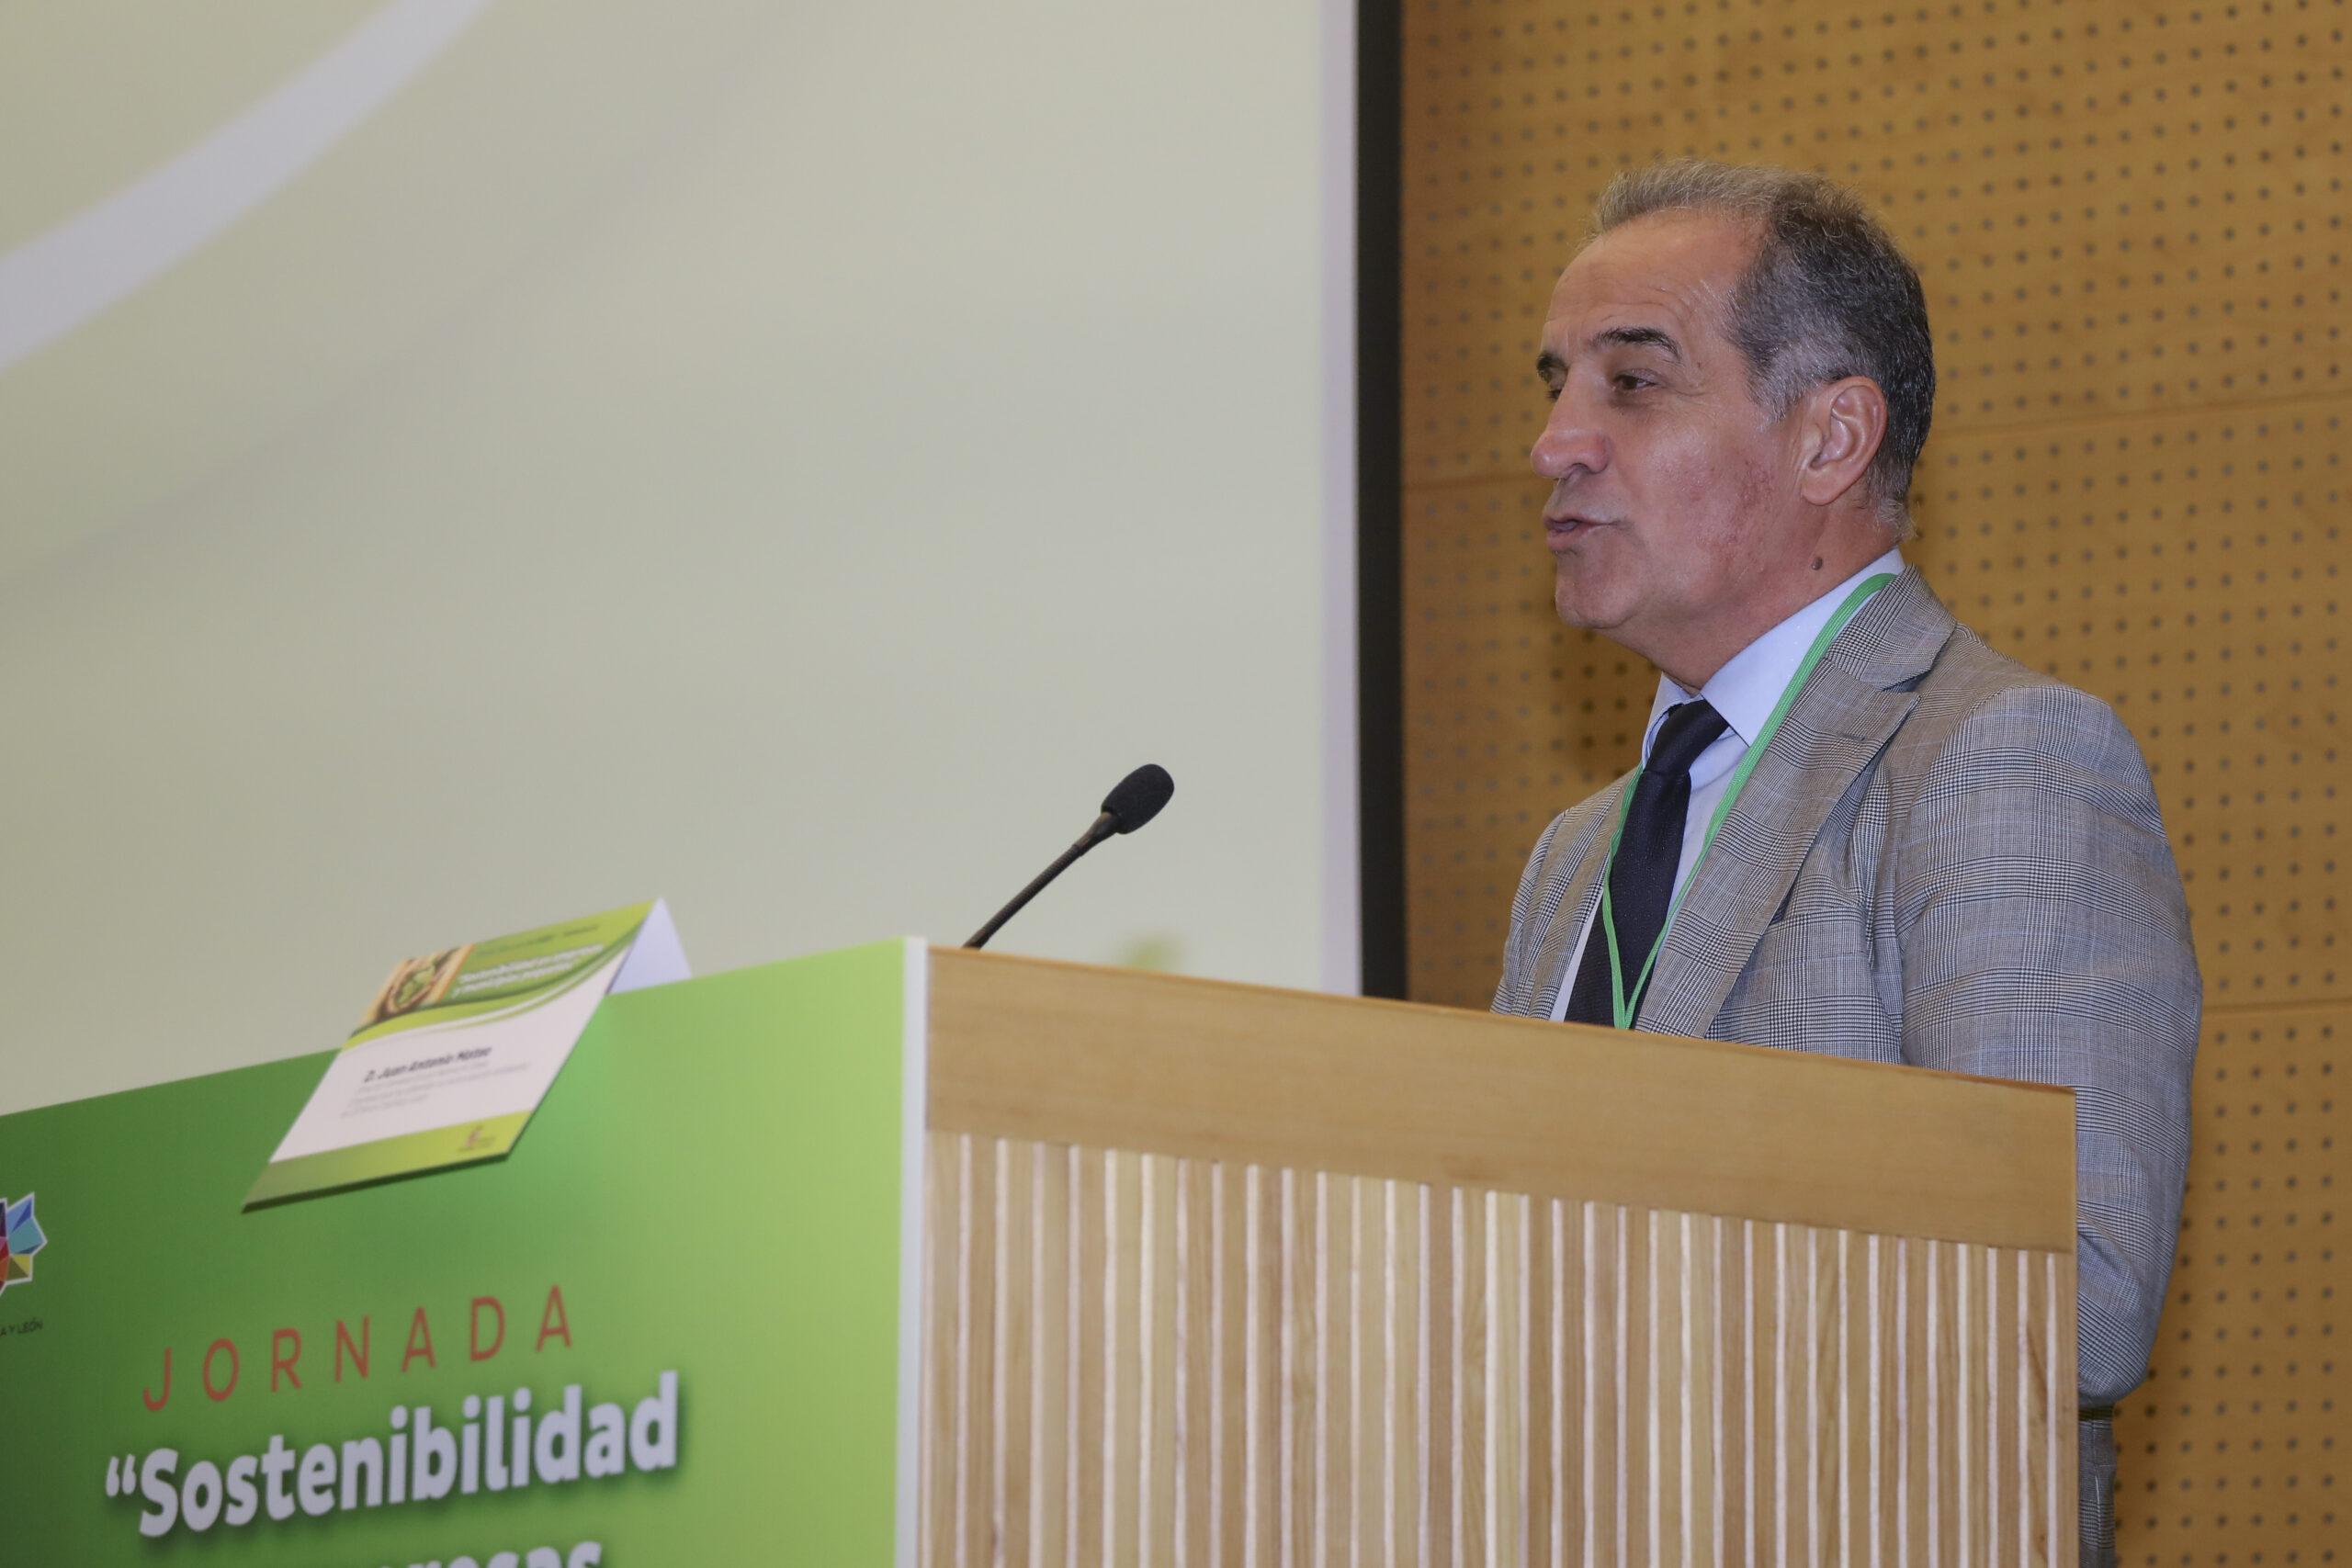 La junta de Castilla y Leon reconoce el compromiso medioambiental de NSR